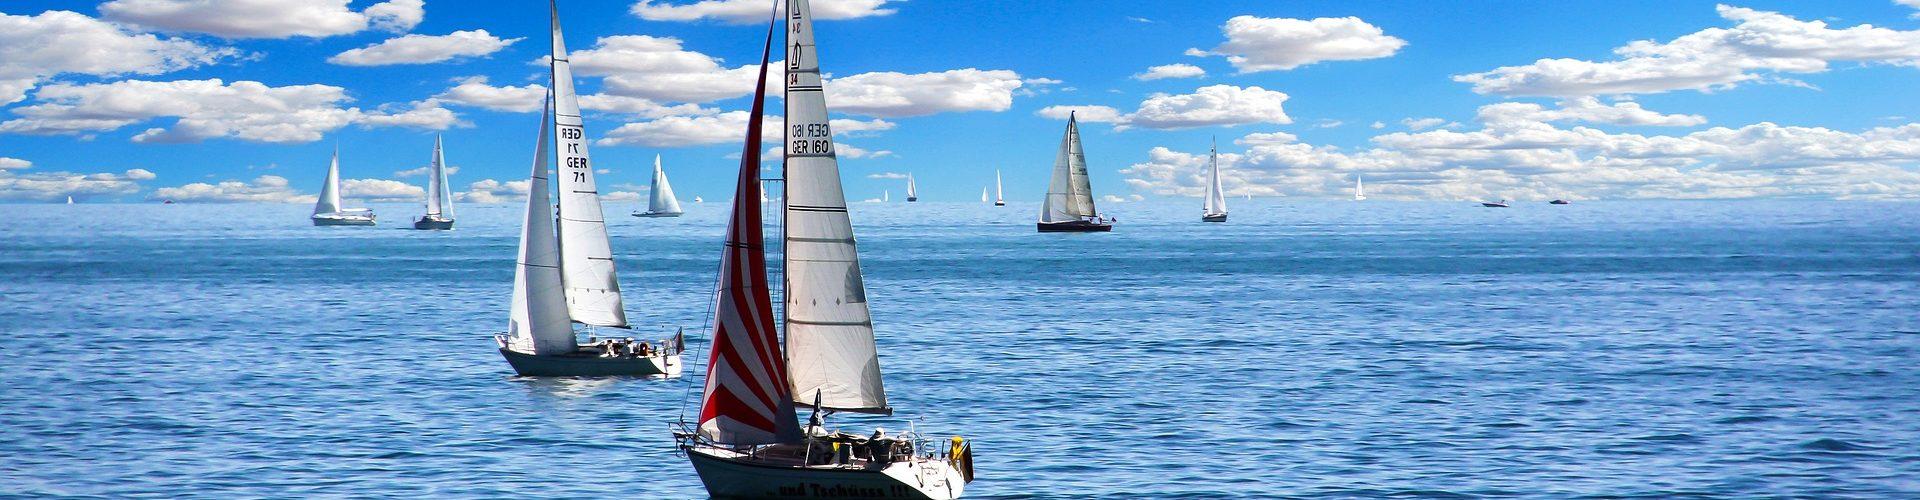 segeln lernen in Menden segelschein machen in Menden 1920x500 - Segeln lernen in Menden